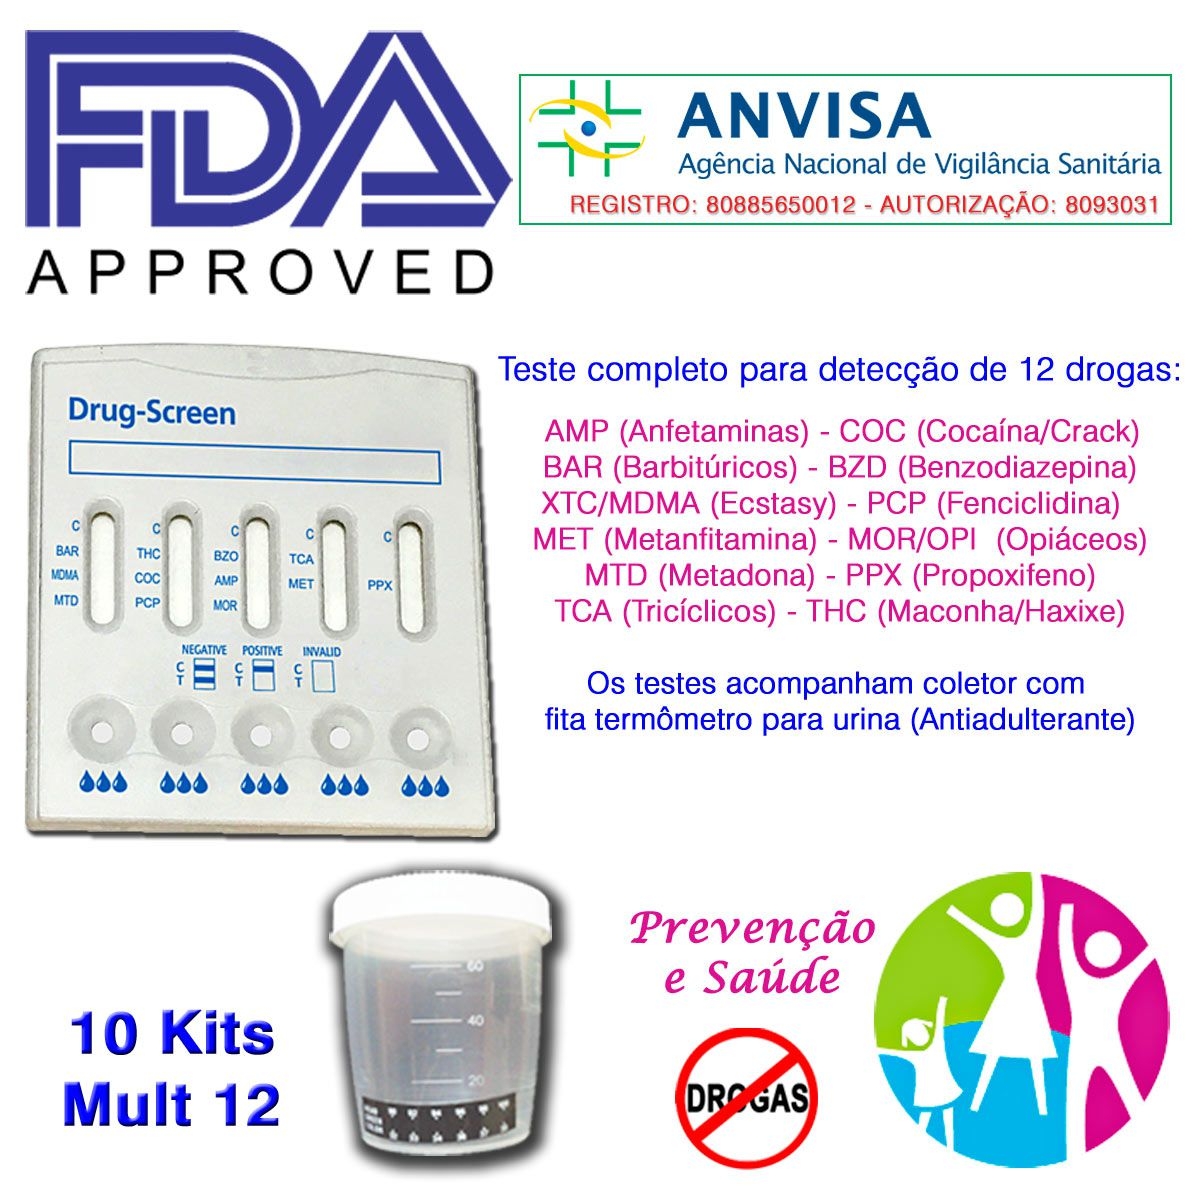 10 Kits para testes de doze substâncias com coletor de urina  - Prevenção e Saúde